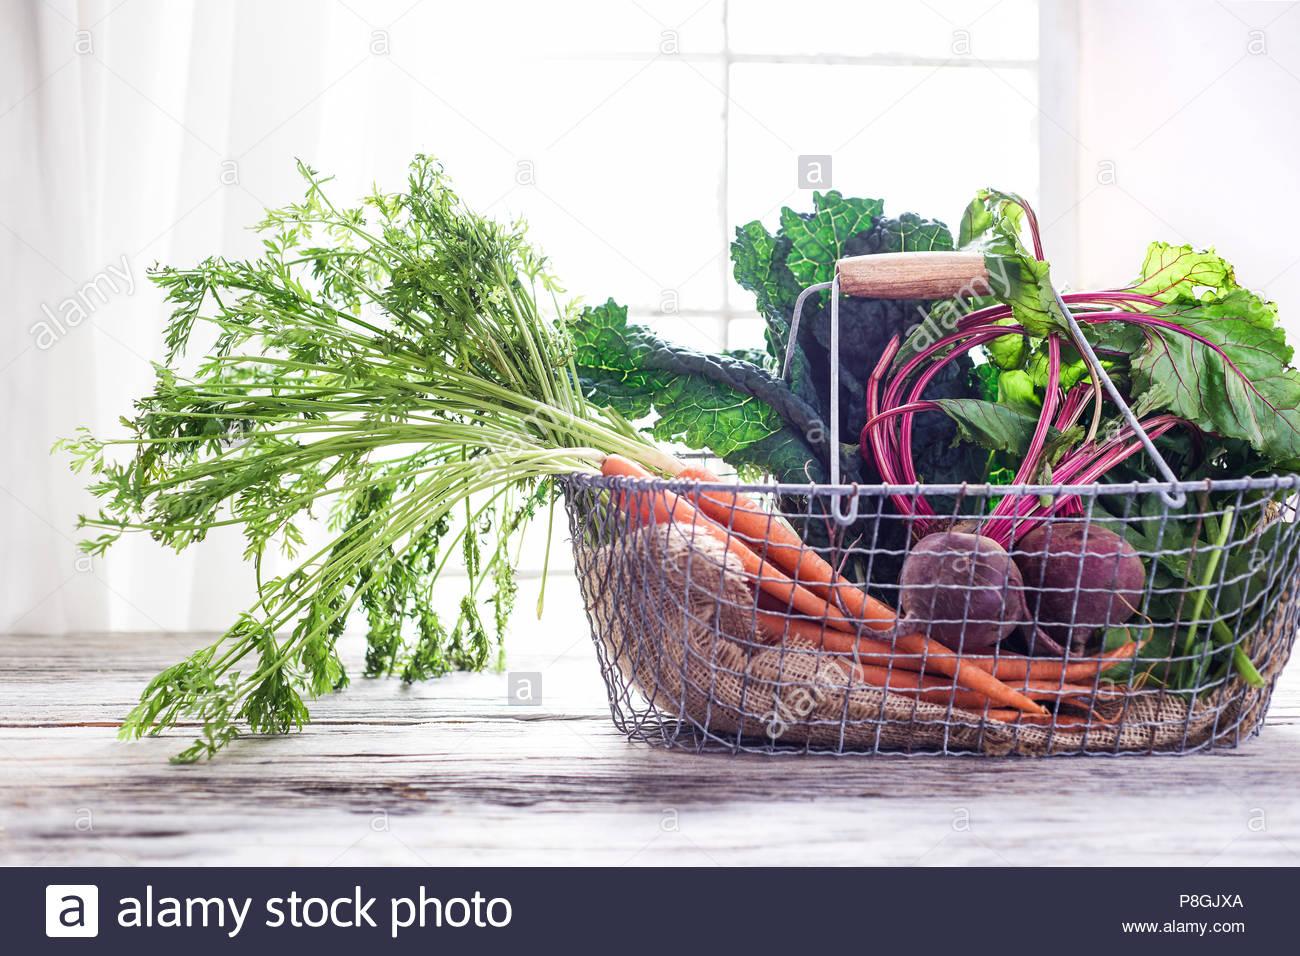 Ein rustikales, Metall Korb gefüllt mit frischem Gemüse auf einem Holz Tisch abgeholt. Helle Hintergrundbeleuchtung. Stockbild